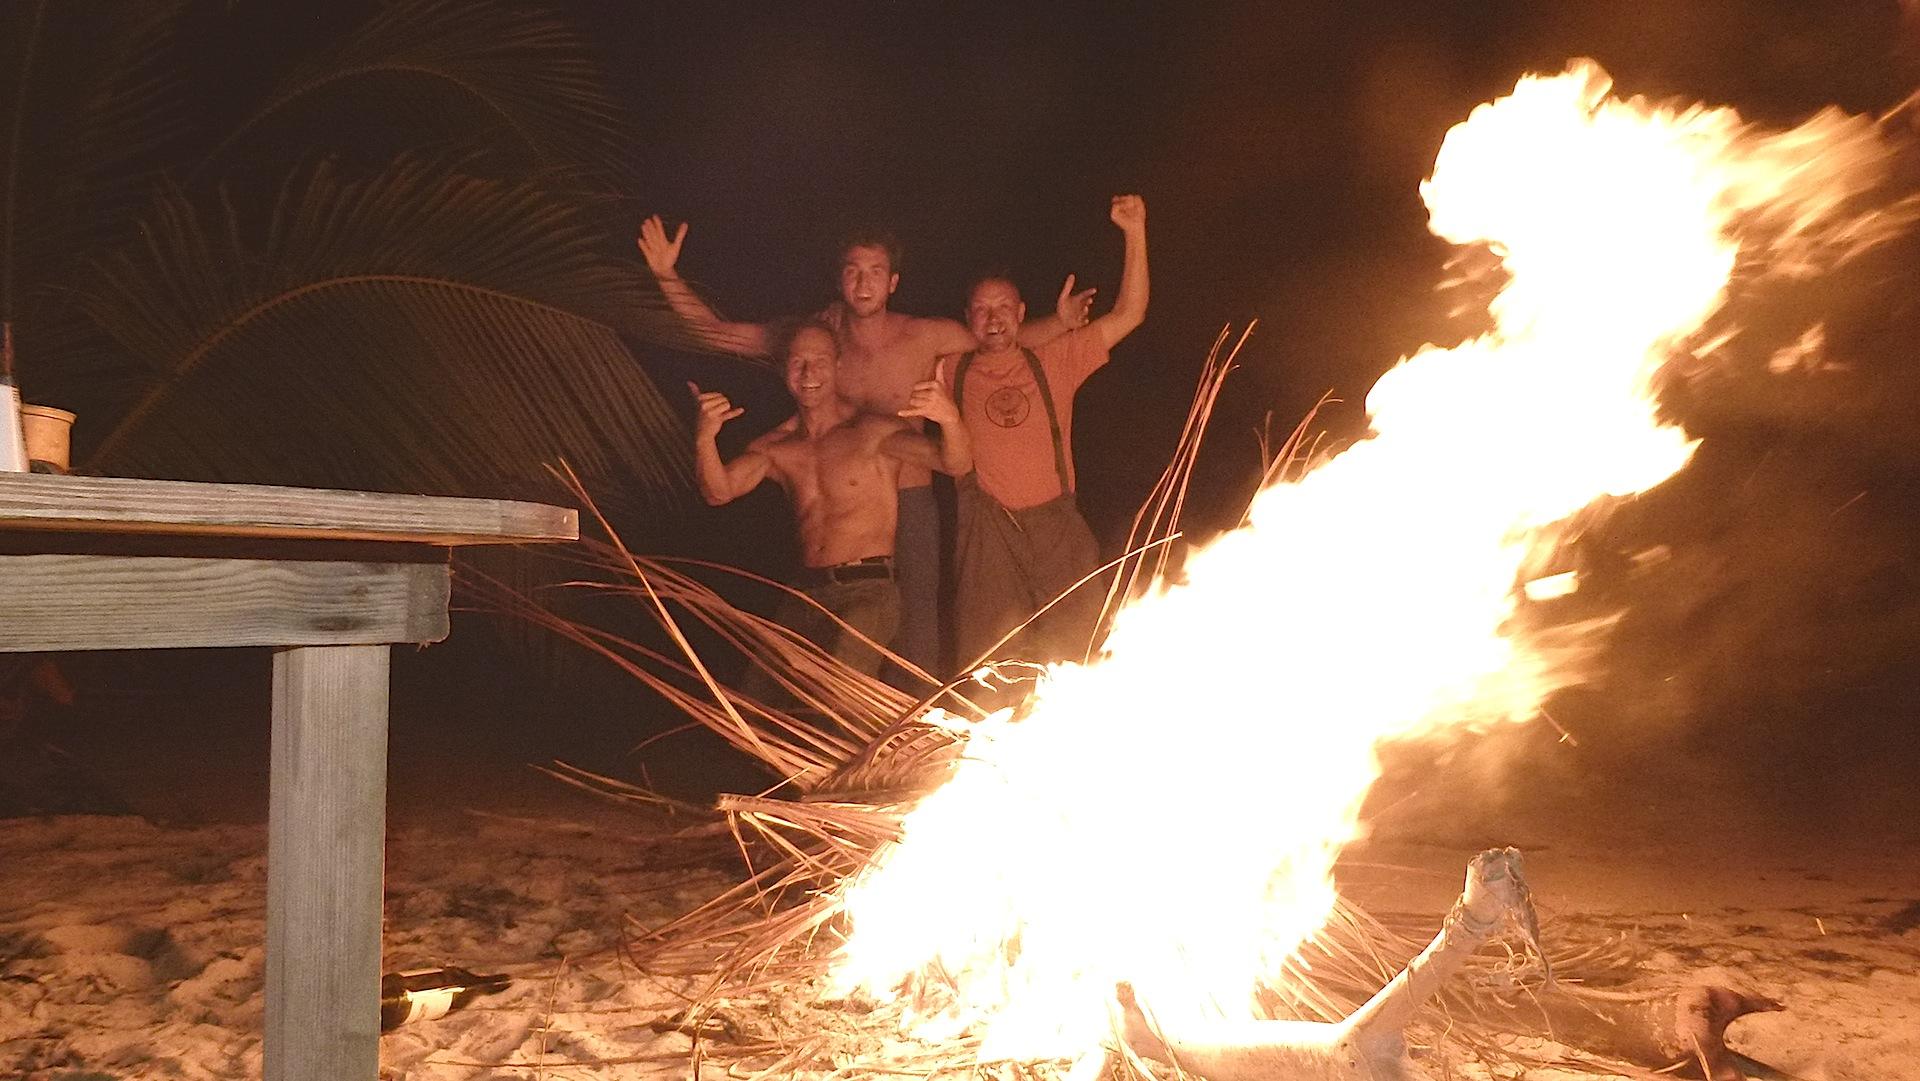 Wir haben Feuer gemacht................